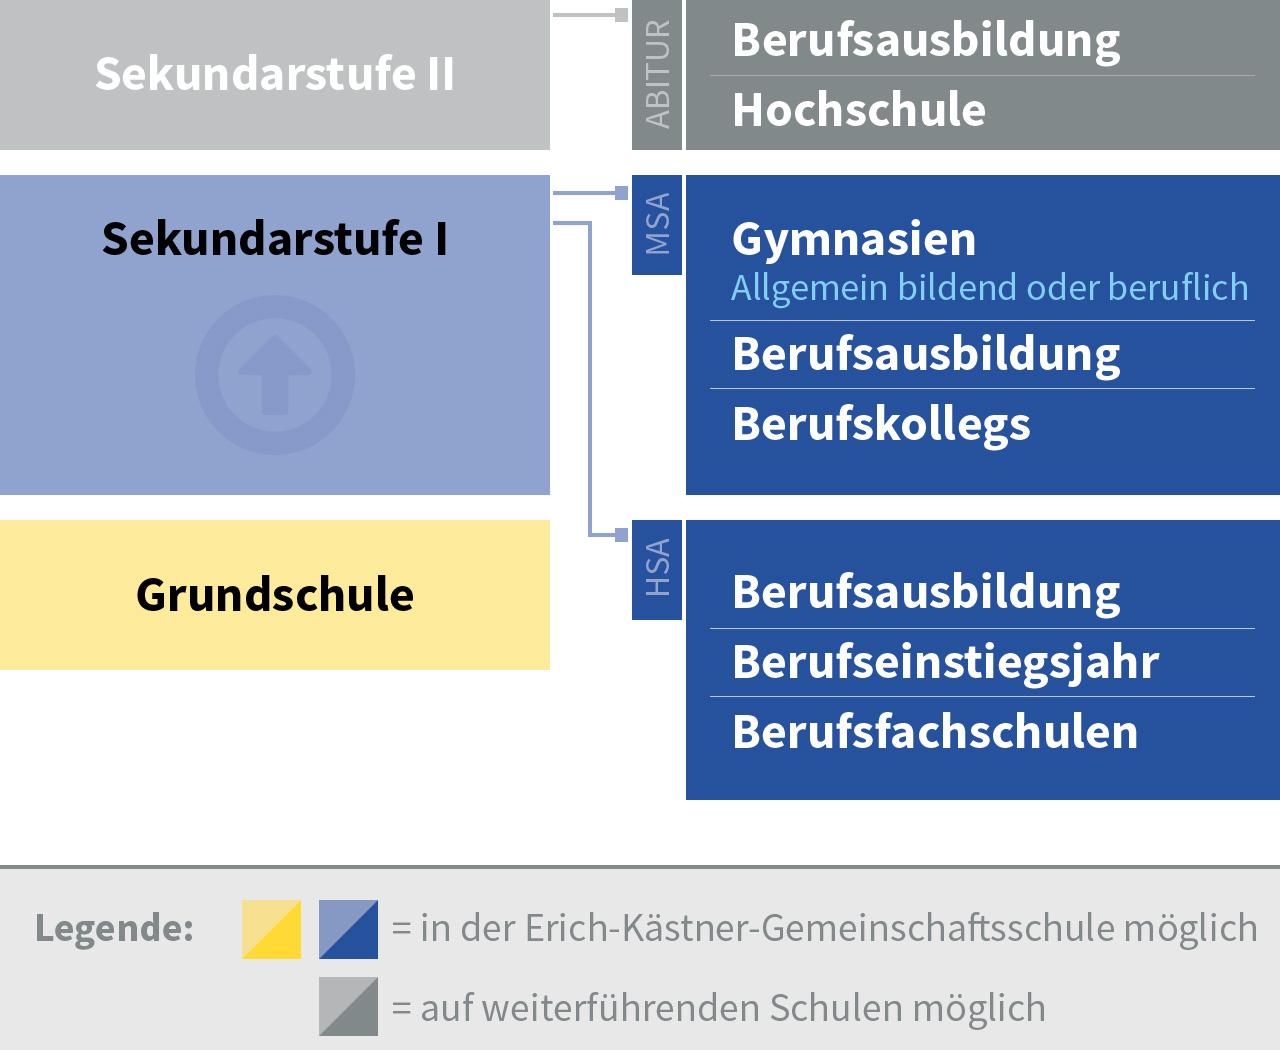 Mögliche Anschlüsse in der Erich-Kästner-Gemeinschaftsschule